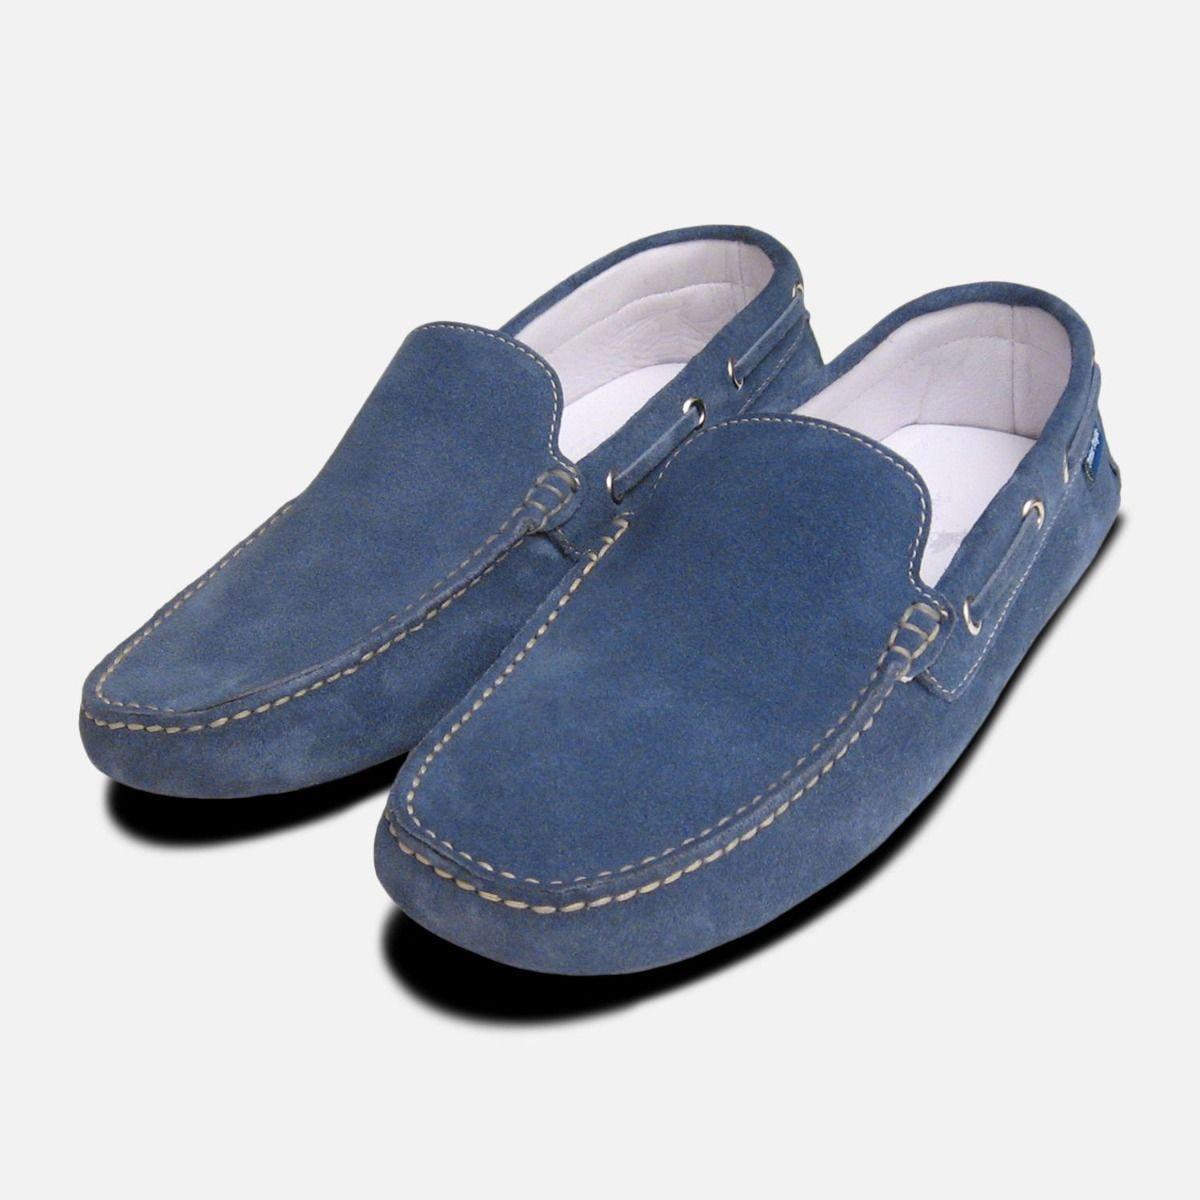 Blue Denim Jeans Suede Shoes by Arthur